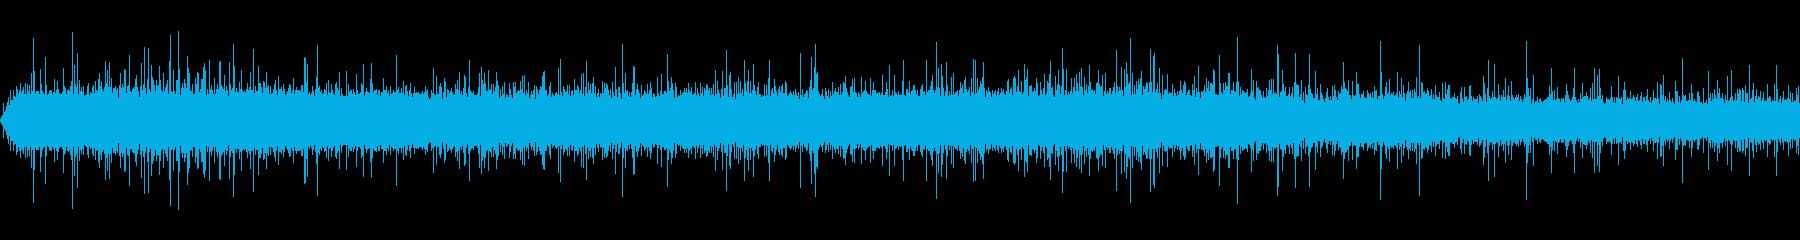 山に降る雨(環境音)の再生済みの波形